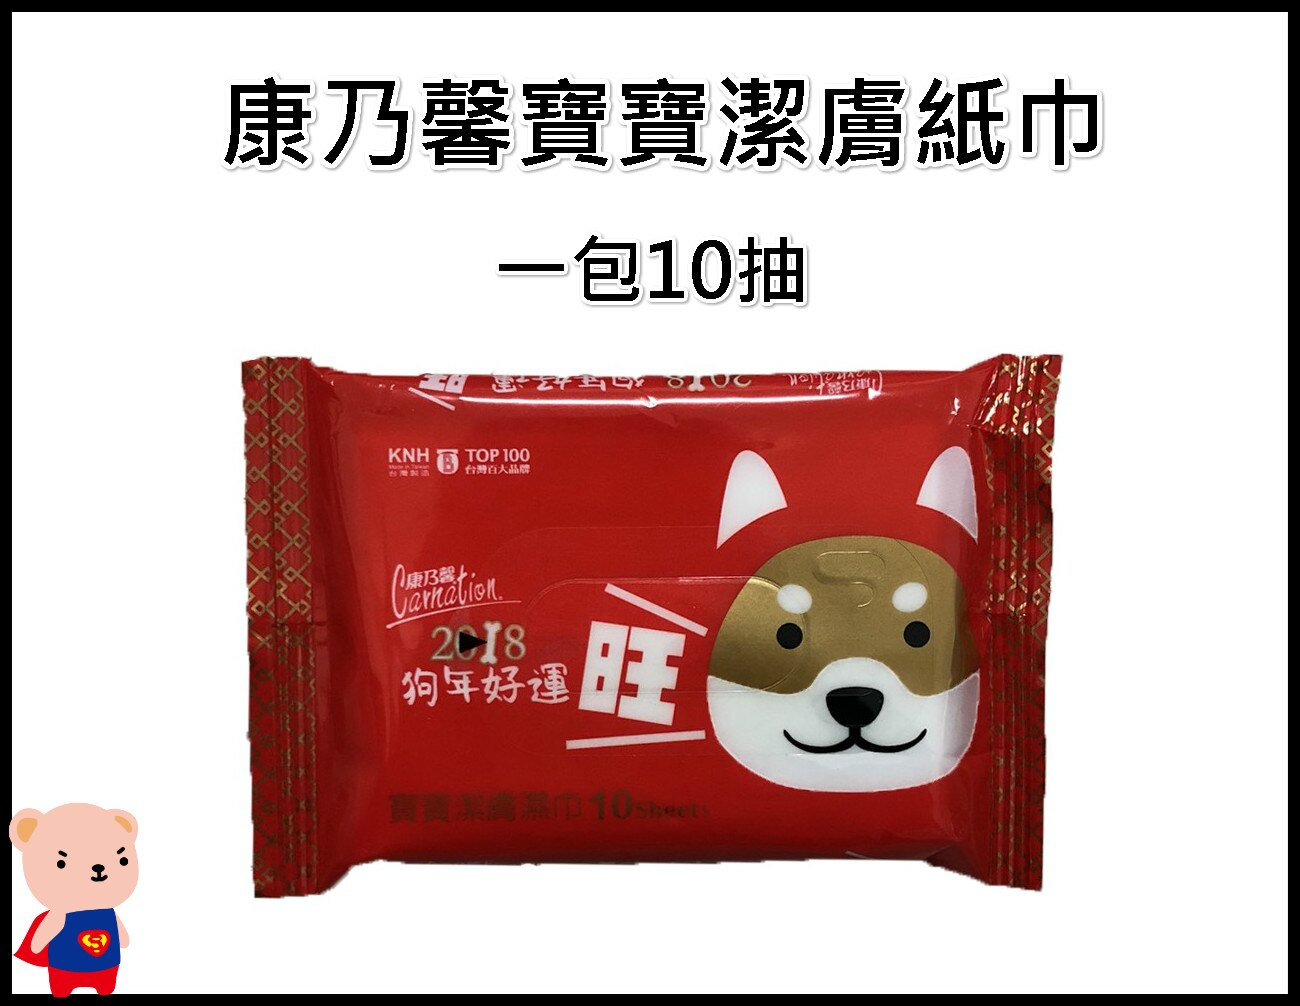 溼紙巾 康乃馨寶寶潔膚紙巾 旺旺濕紙巾 狗年好運造型 清潔 隨身攜帶 一包10抽 隨身包